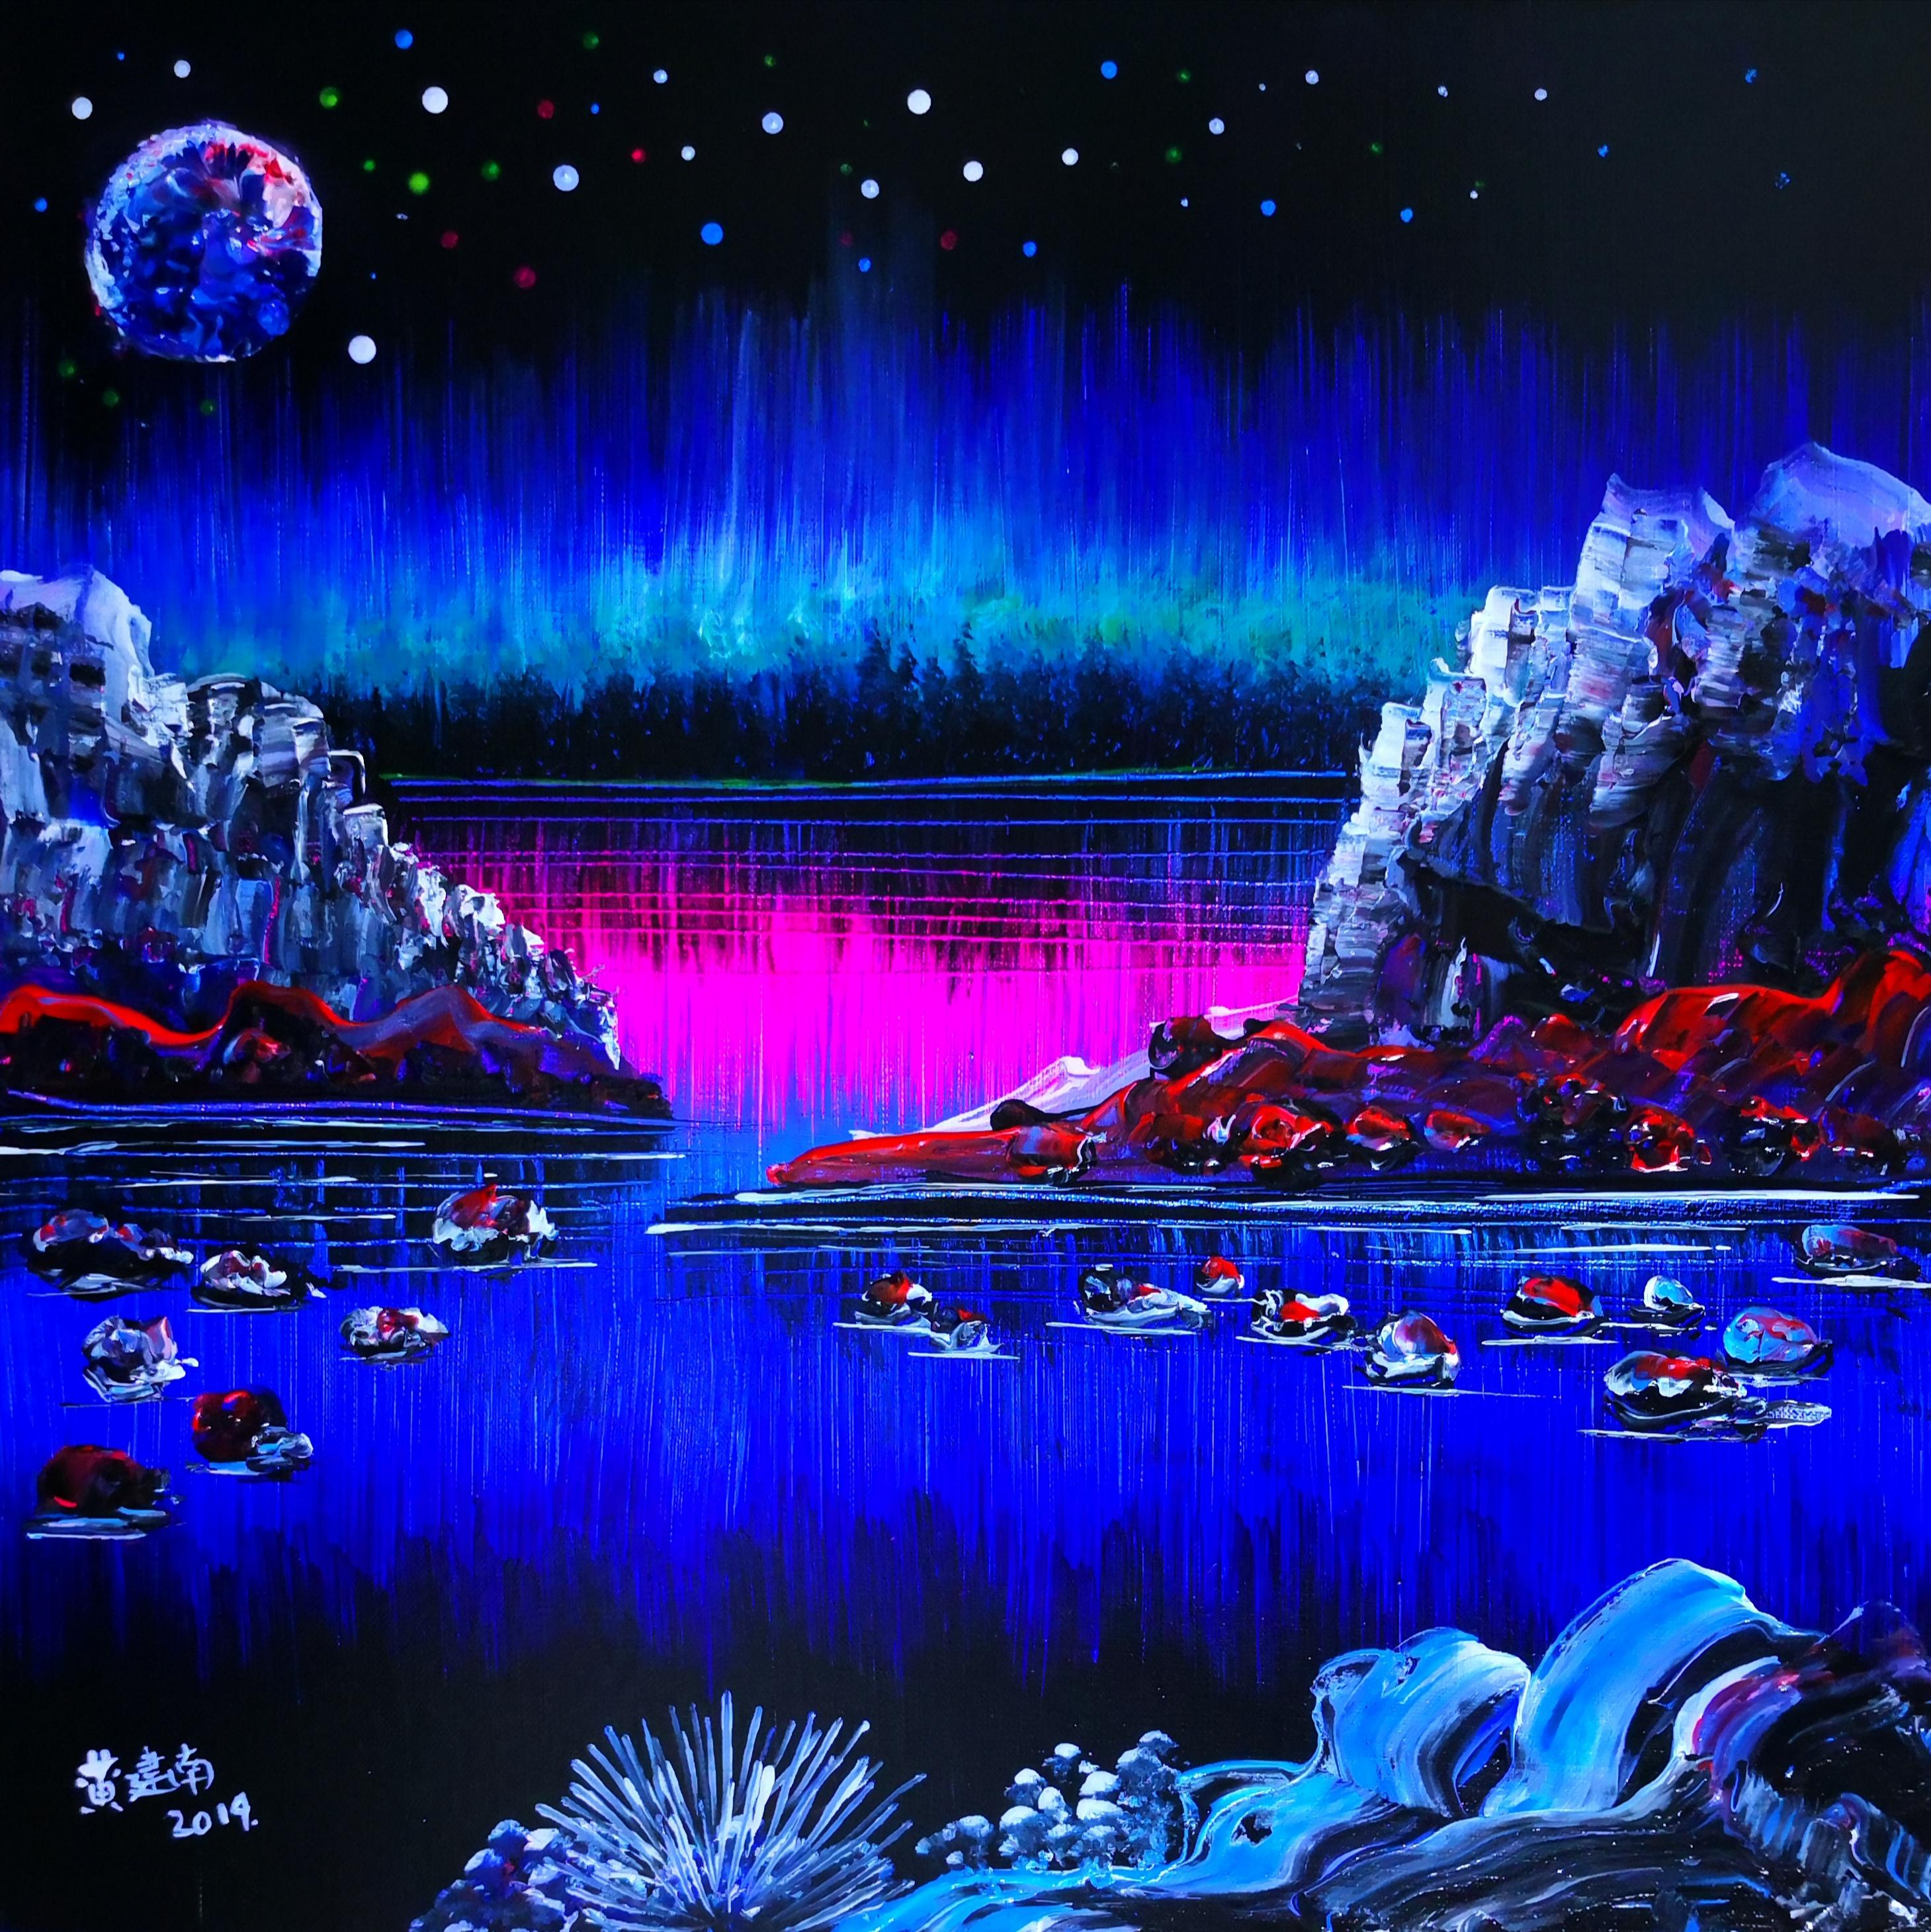 黄建南:大格局大气象赢得大成就